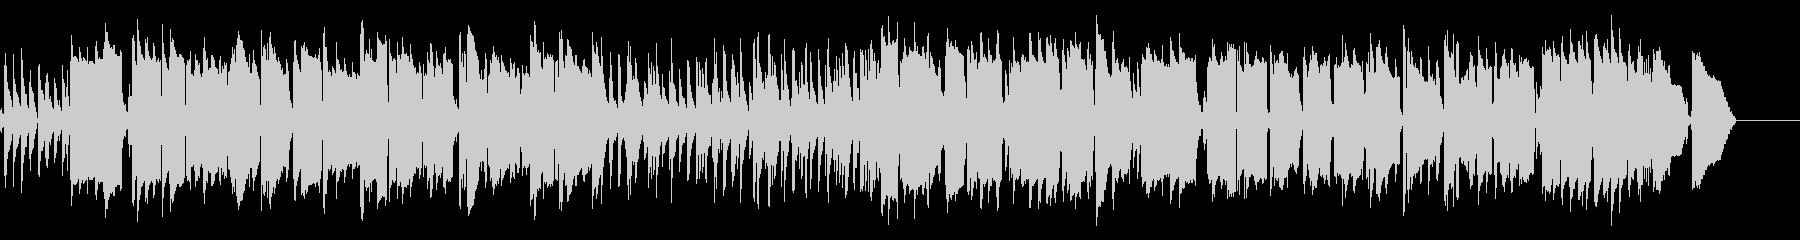 【ムーディーなサックスのジャズBGM】の未再生の波形